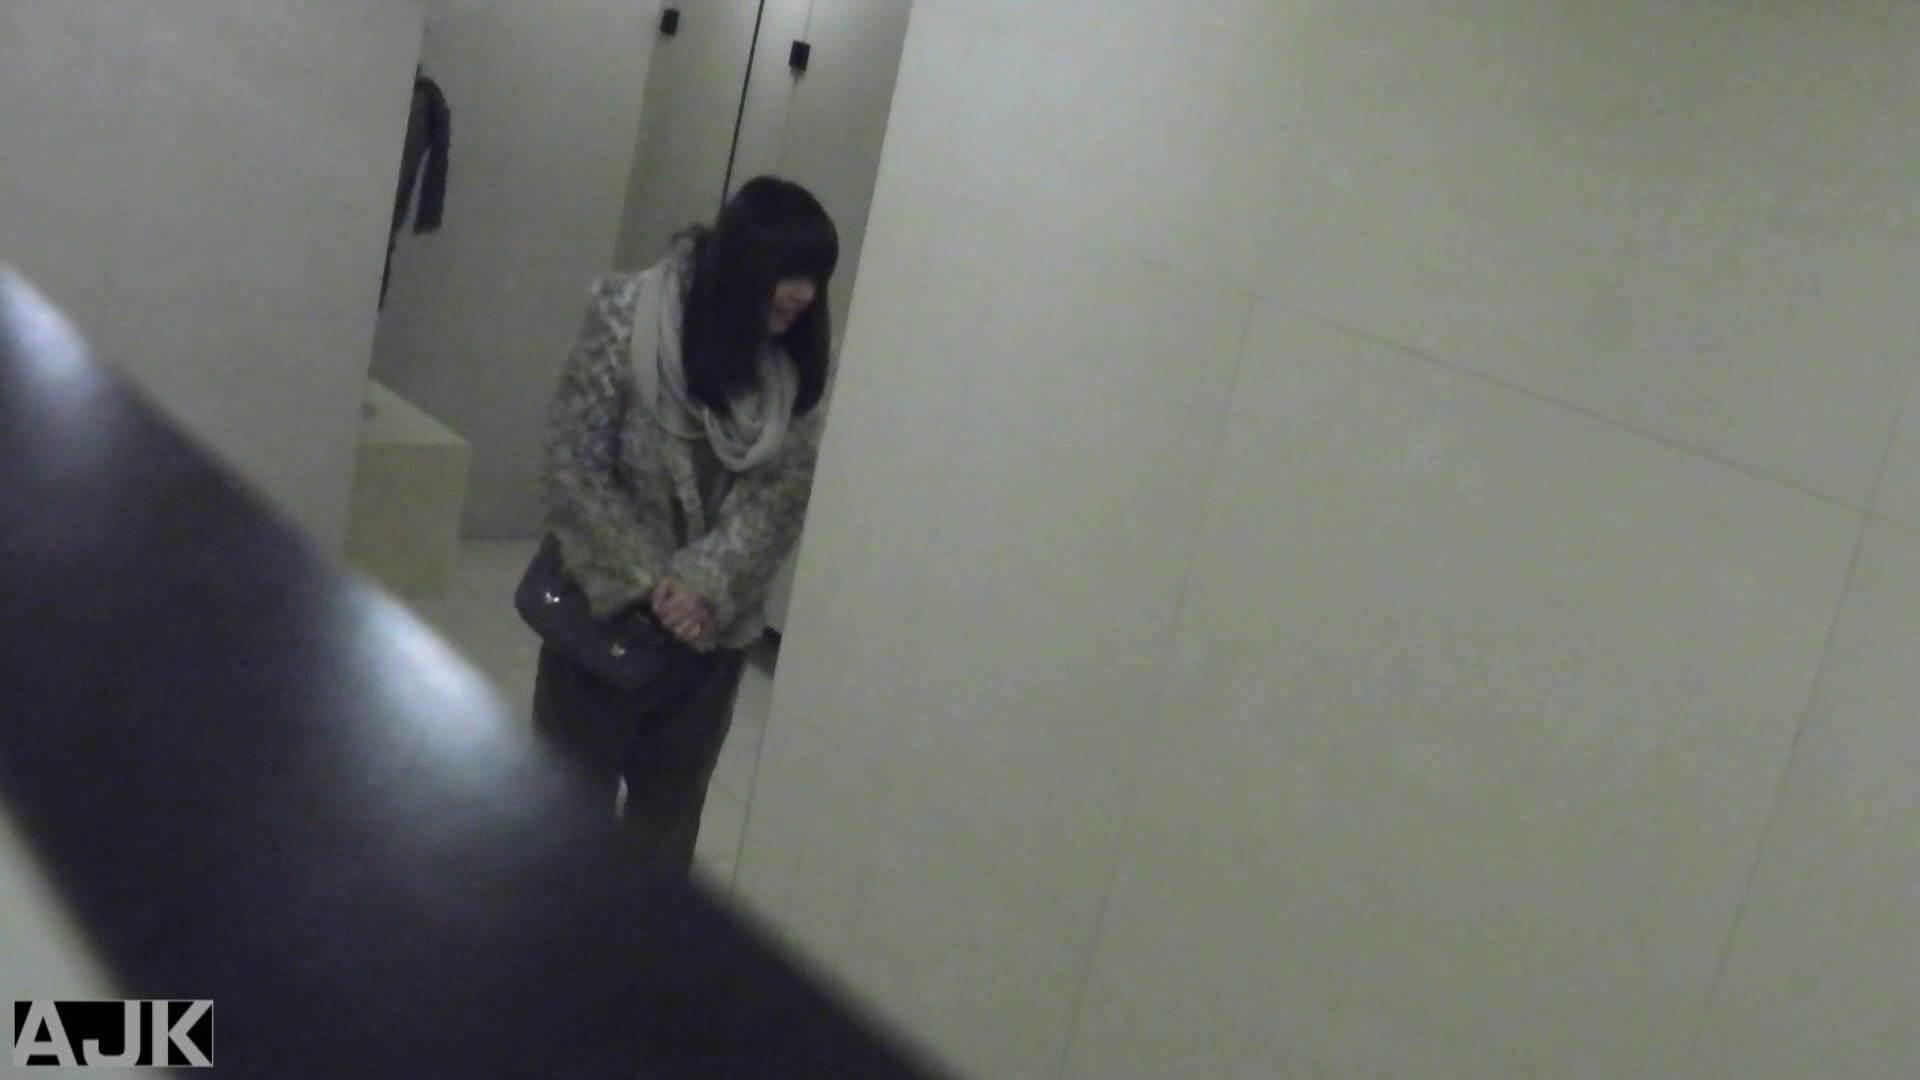 隣国上階級エリアの令嬢たちが集うデパートお手洗い Vol.07 便器 セックス無修正動画無料 53画像 19